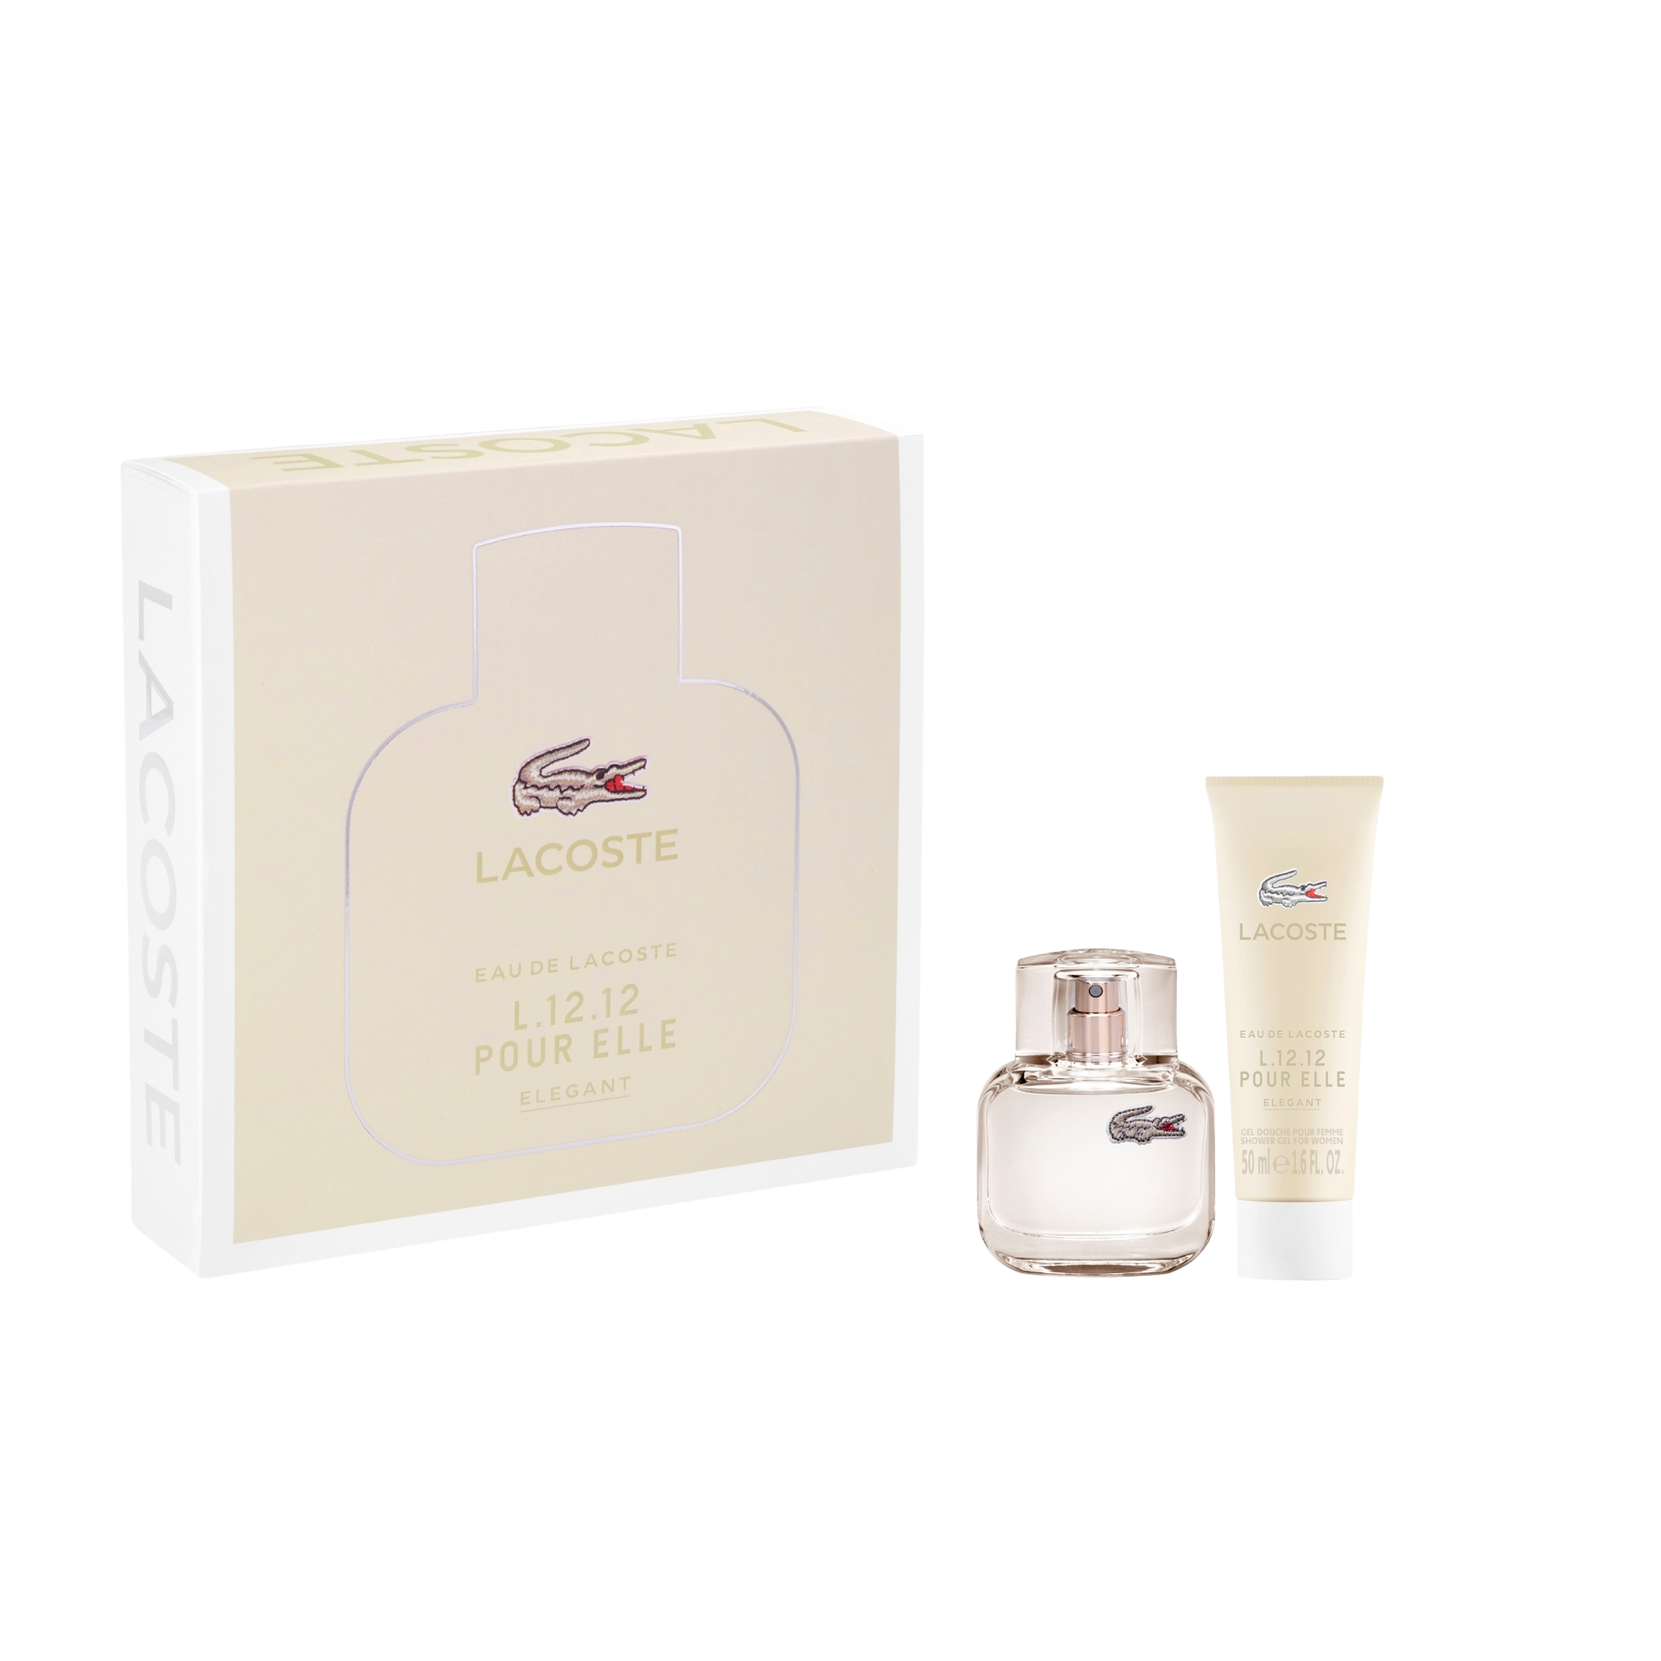 L.12.12 Pour Elle Elegant Edt 30 ml + Showergel 50 ml Gaveæske Lacoste  til Kvinder i